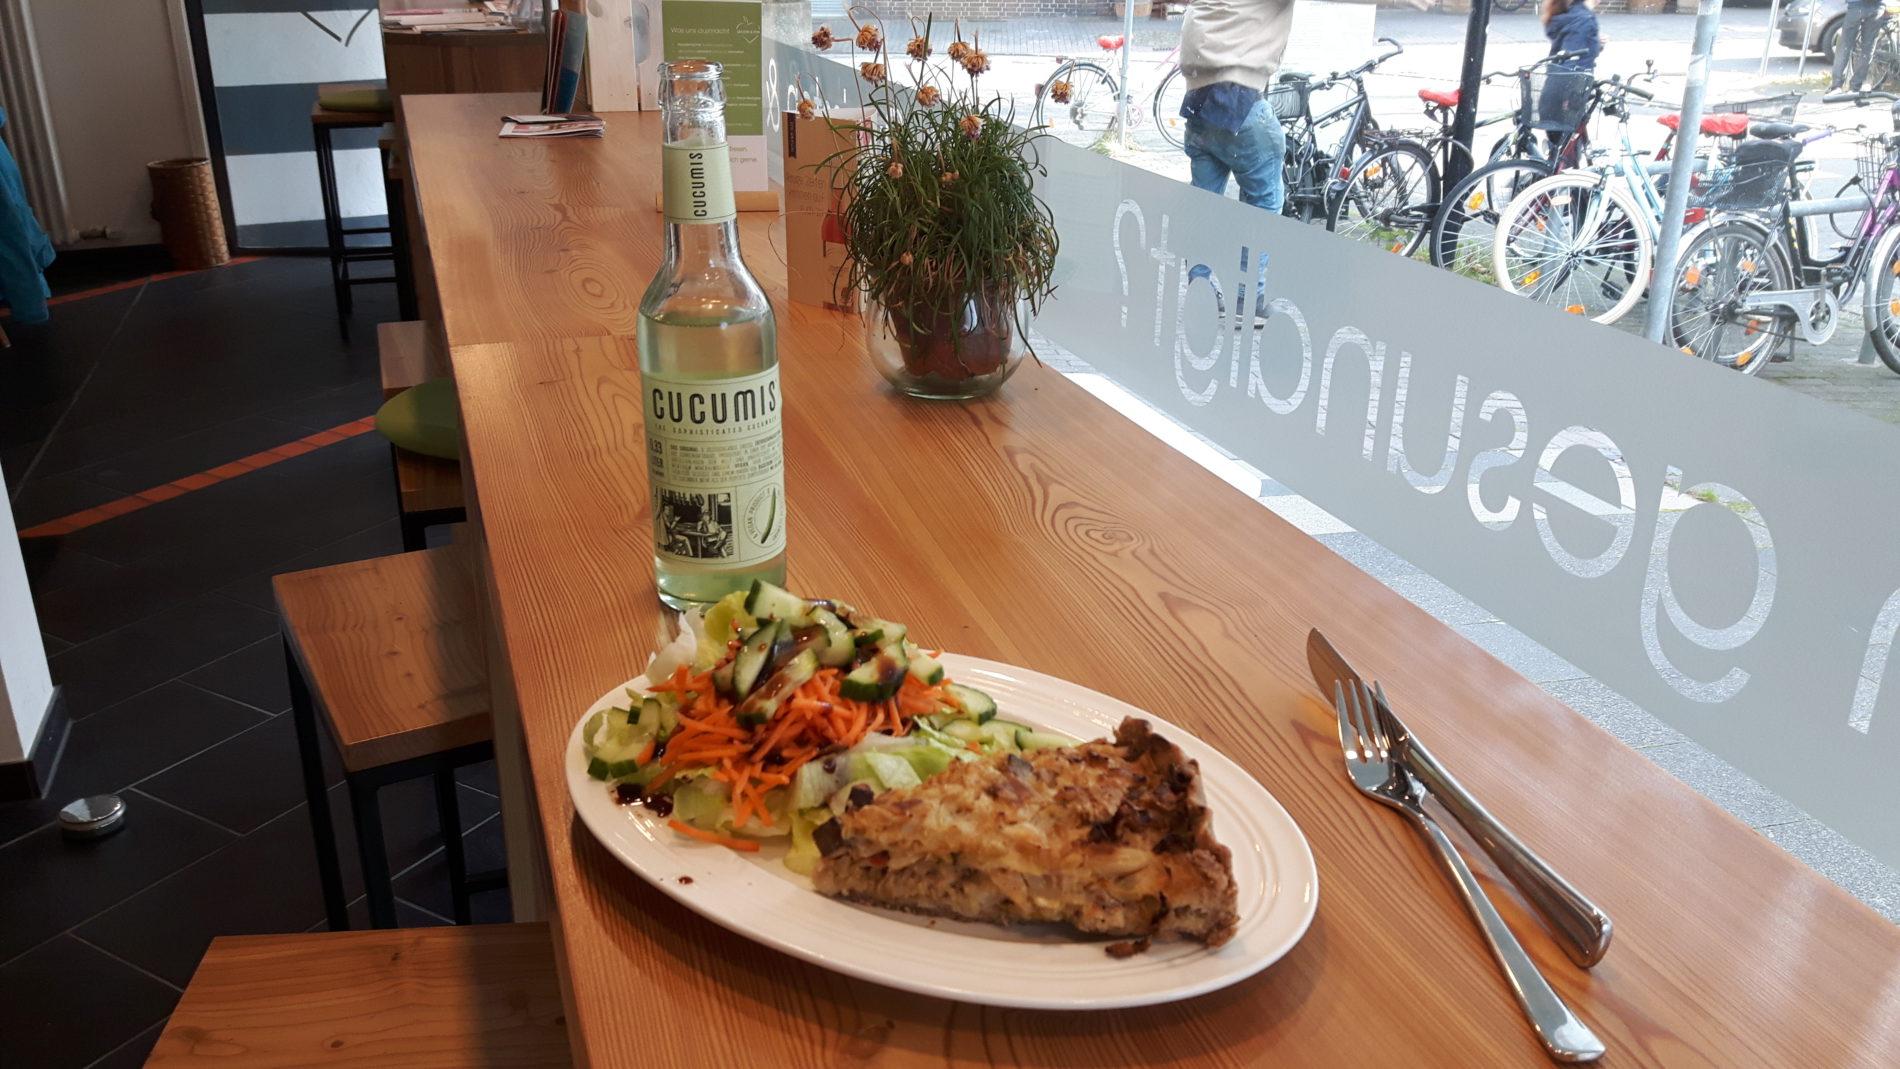 Alles bereit für die Mittagspause - ein Teller mit Quiche und Salat sowie eine Gurkenlimonade (c) Keno Hennecke